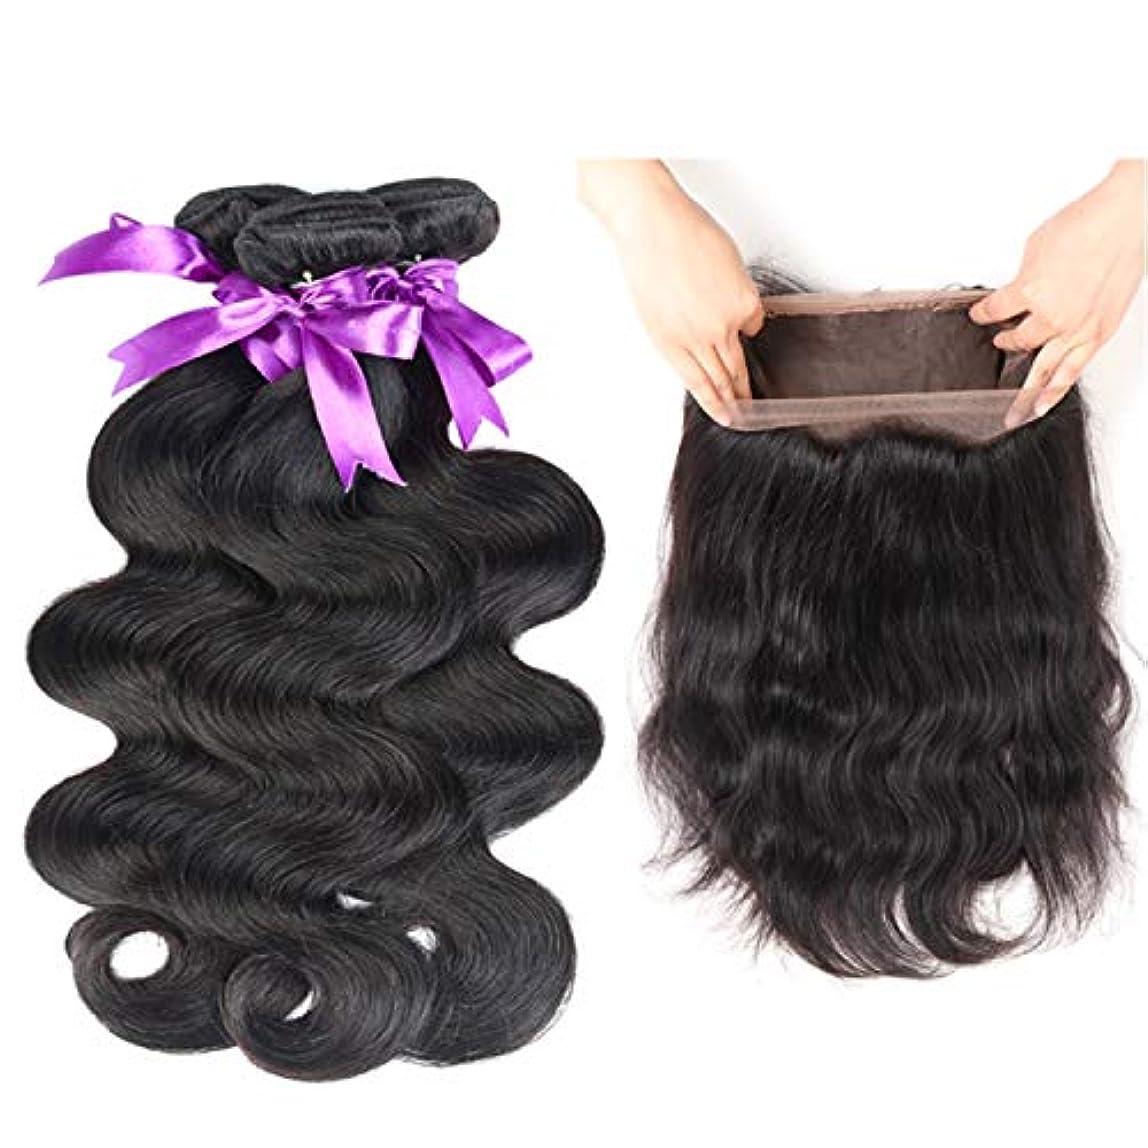 市場変数寓話ブラジルの実体波3バンドルで360レース前頭閉鎖髪織りバンドル非レミー人間の髪の毛 (Length : 20 22 22 Closure18)